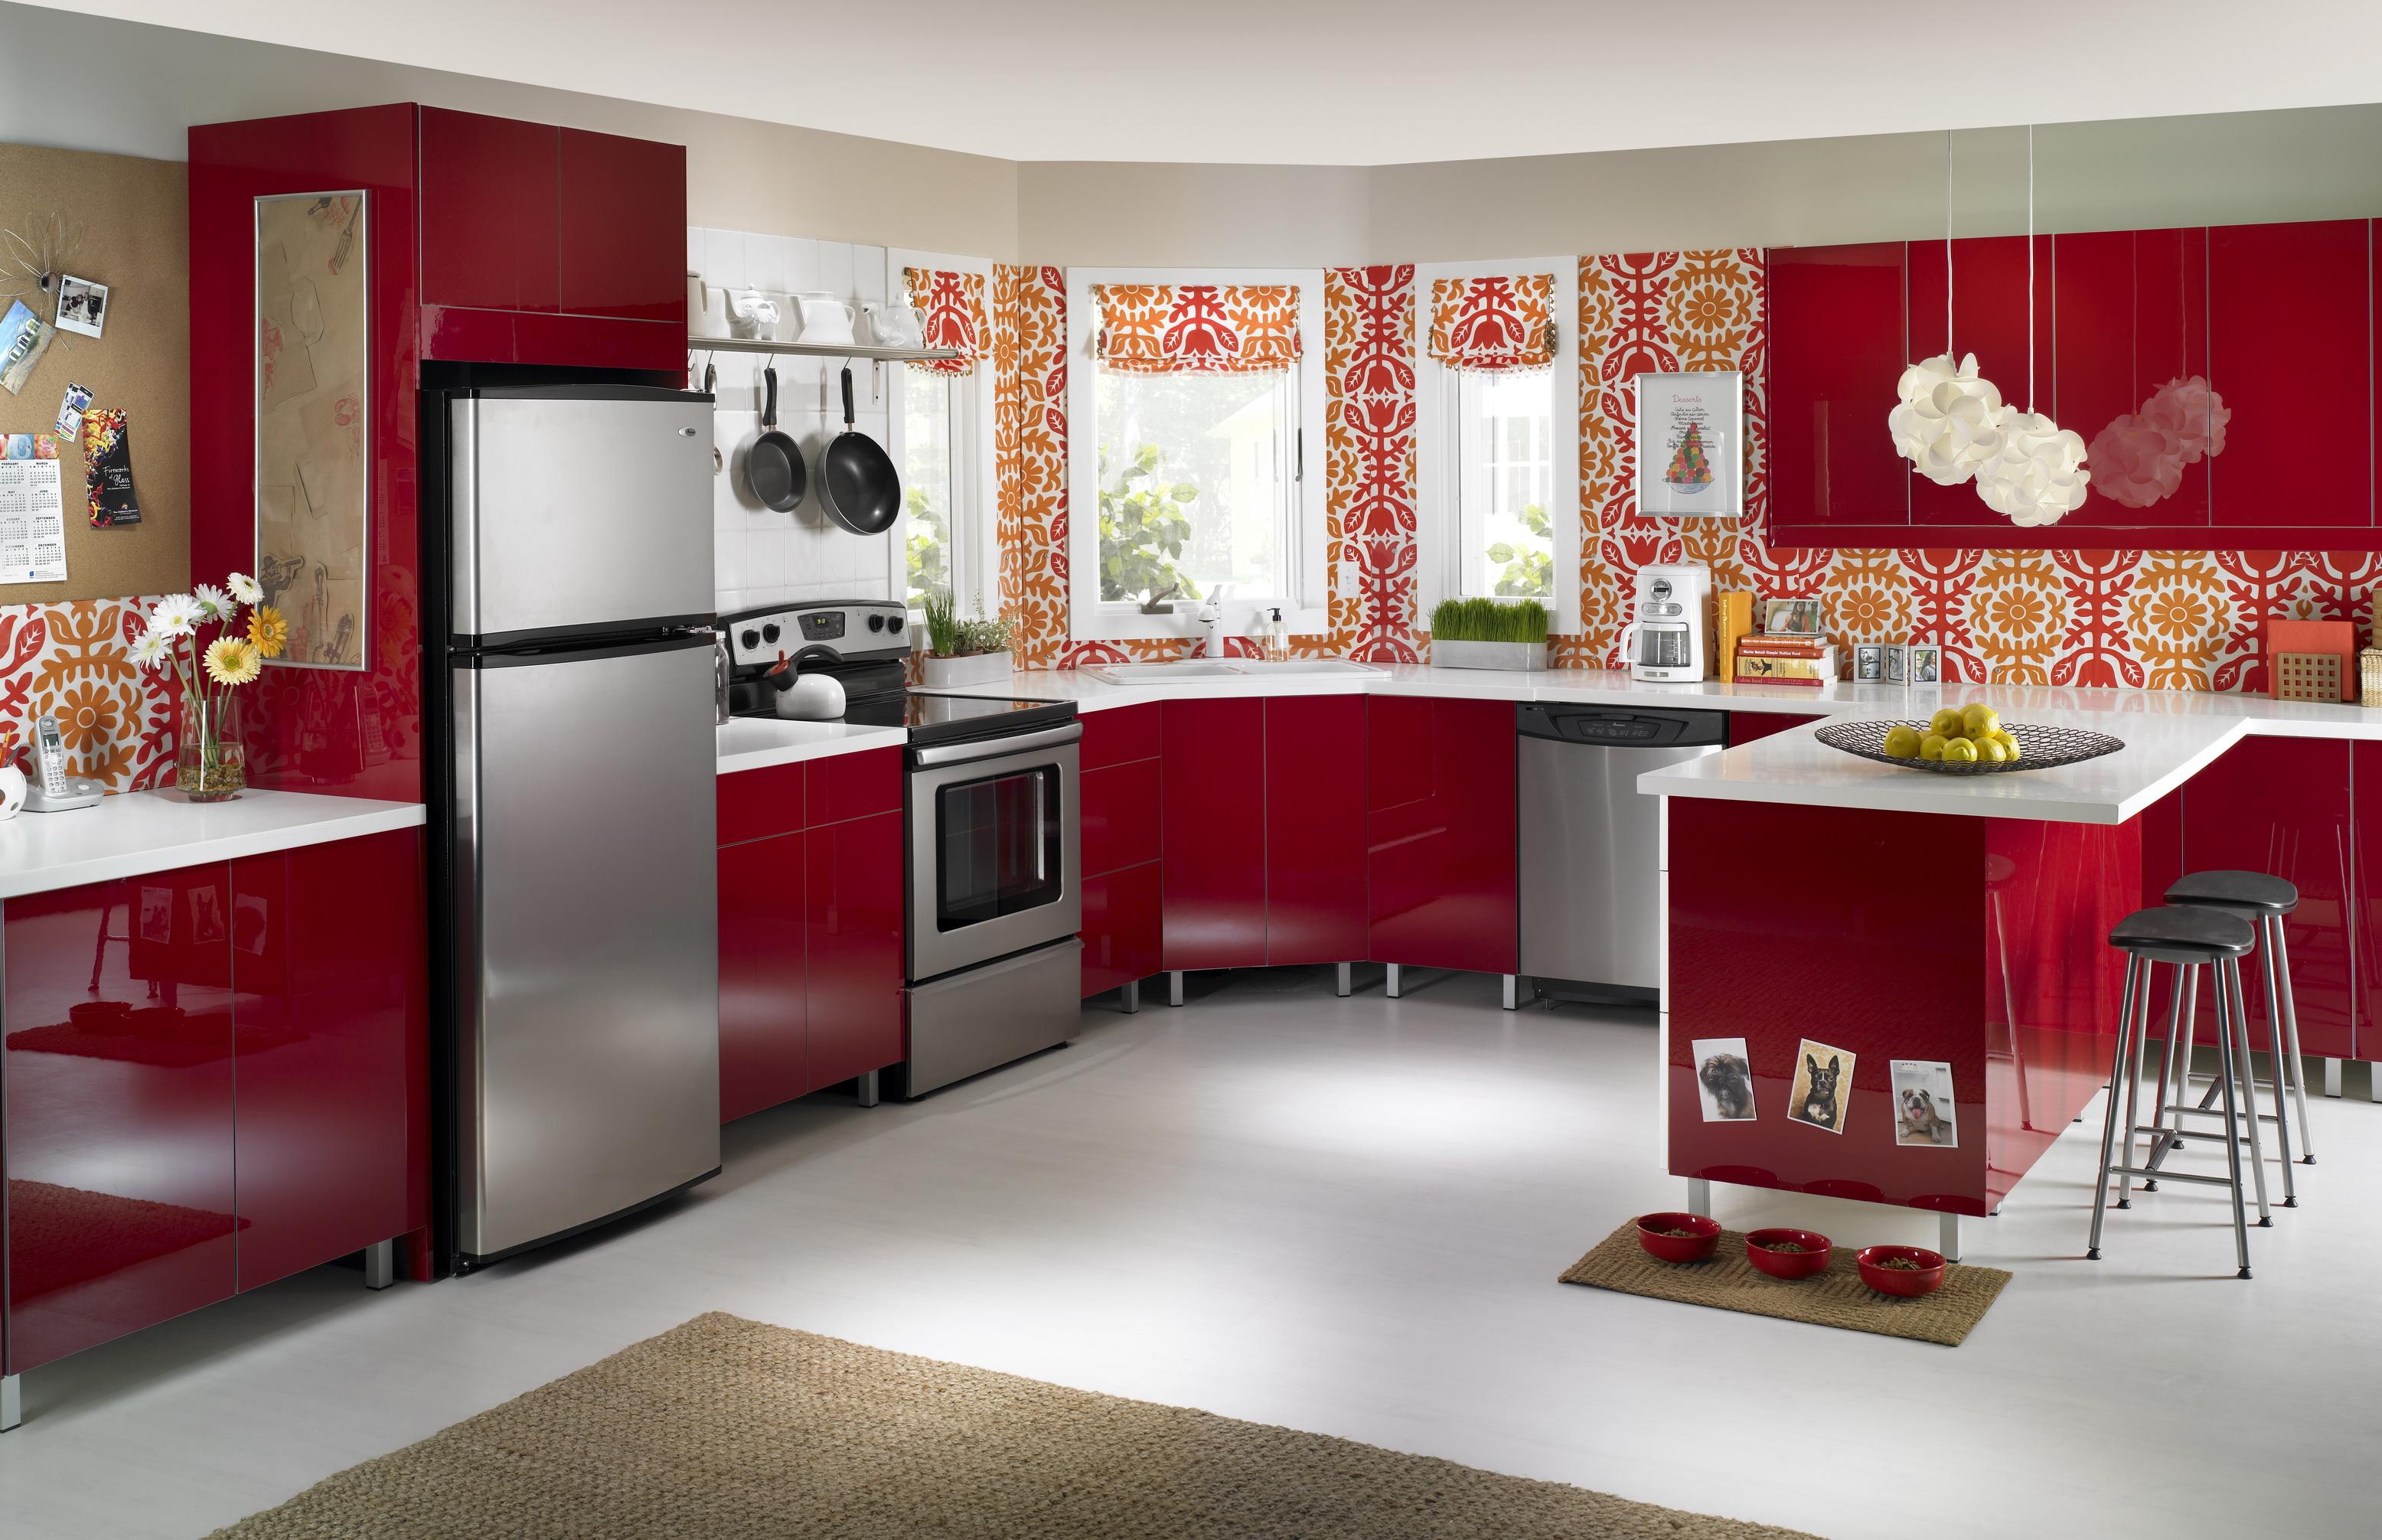 стильная кухня  № 541937 без смс